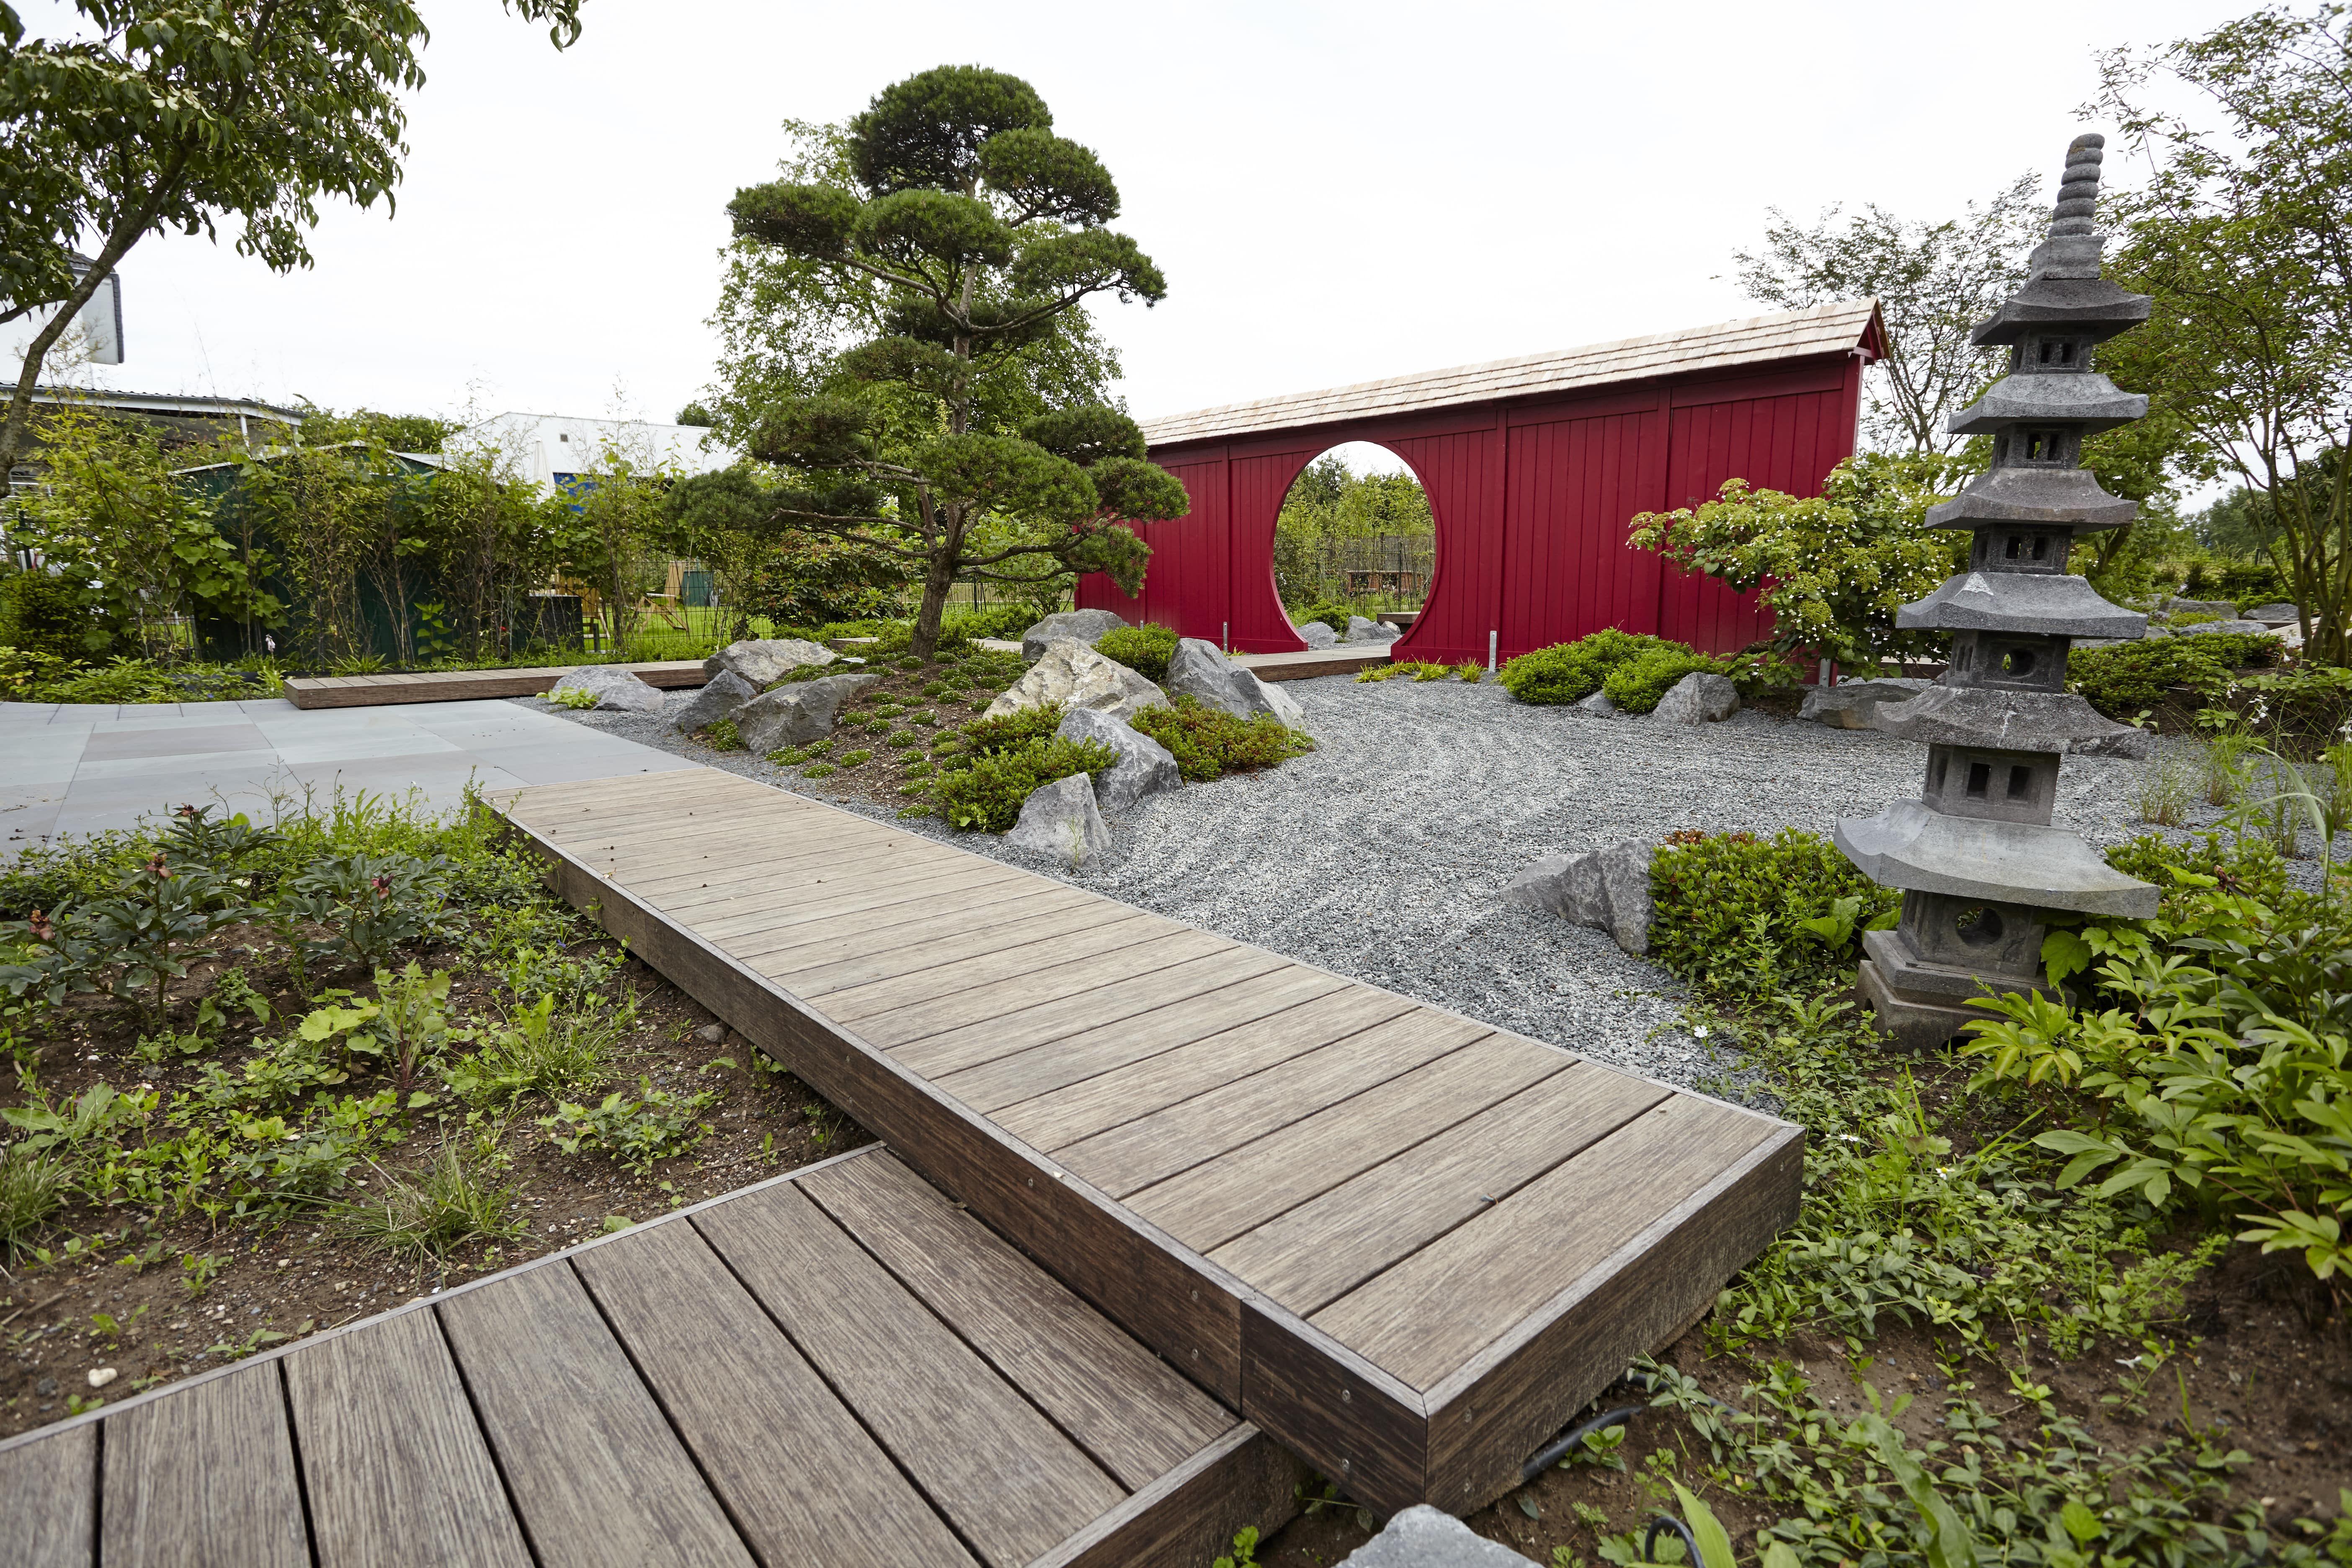 Japaischer Garten Von Rheingrun Traumhaftes Wohnen Im Aussenbereich Garten Moderner Garten Japanischer Garten